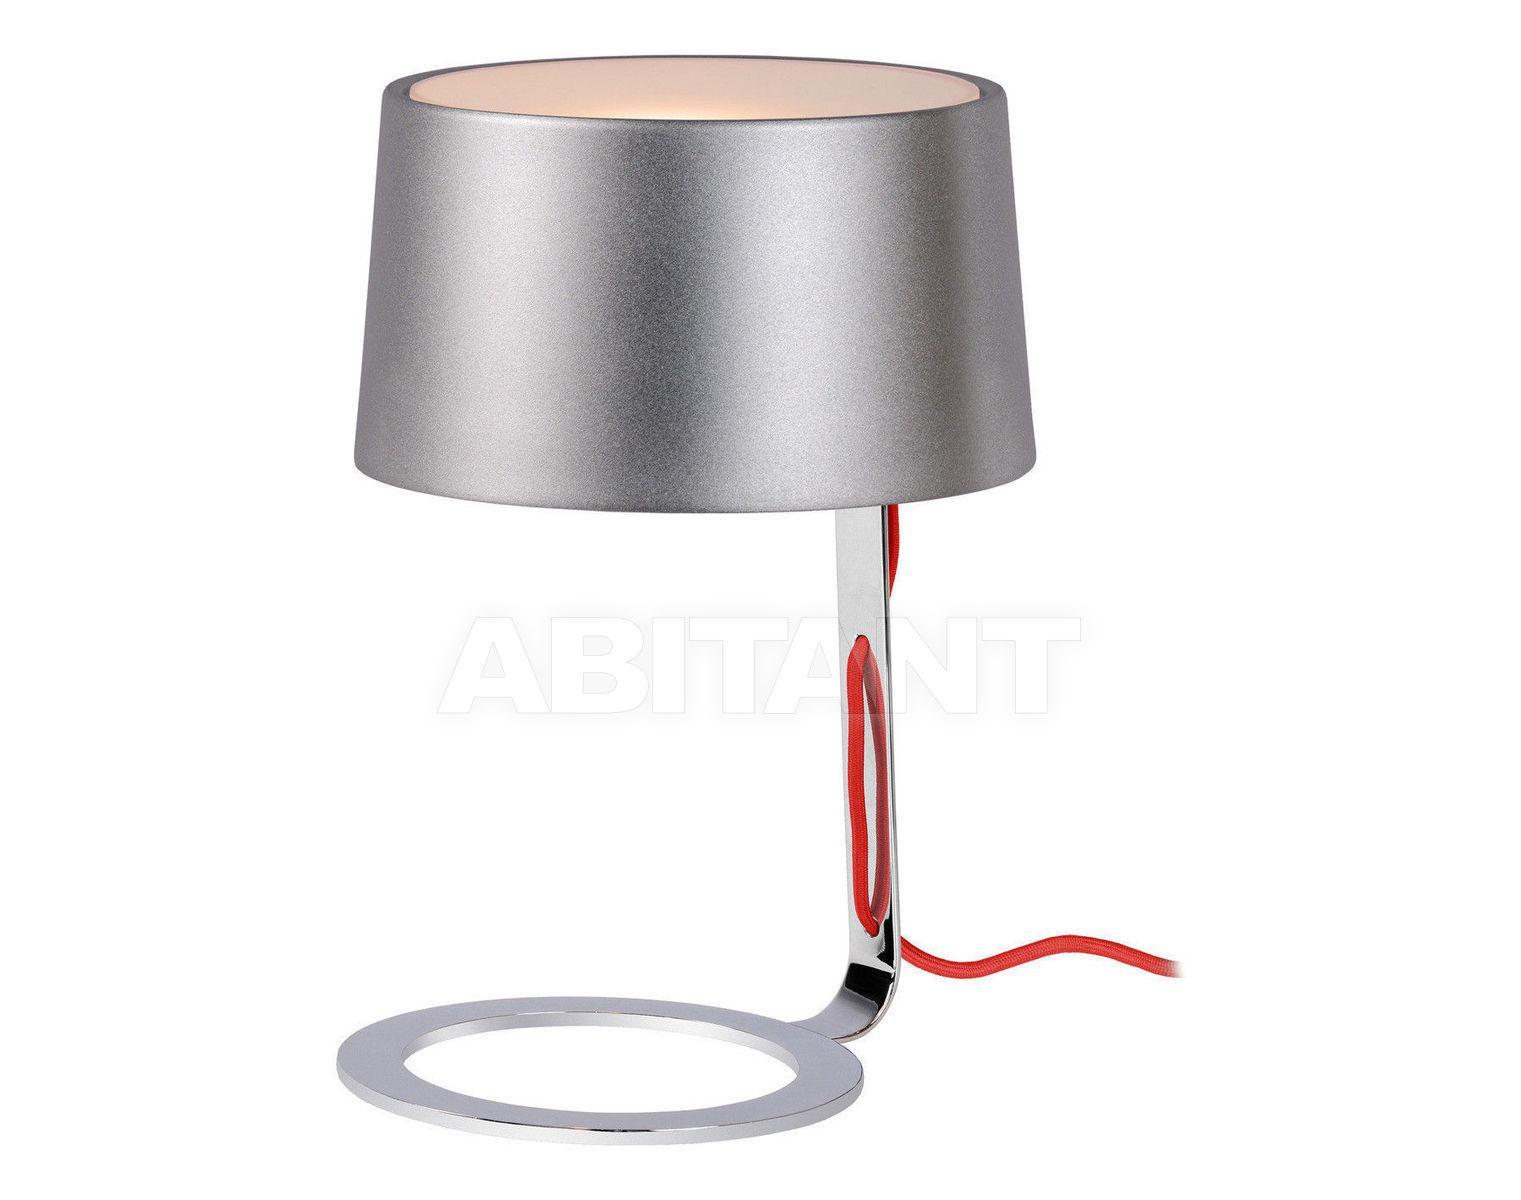 Купить Лампа настольная AIKO Lucide  Floor & Table Lamps 70568/24/36